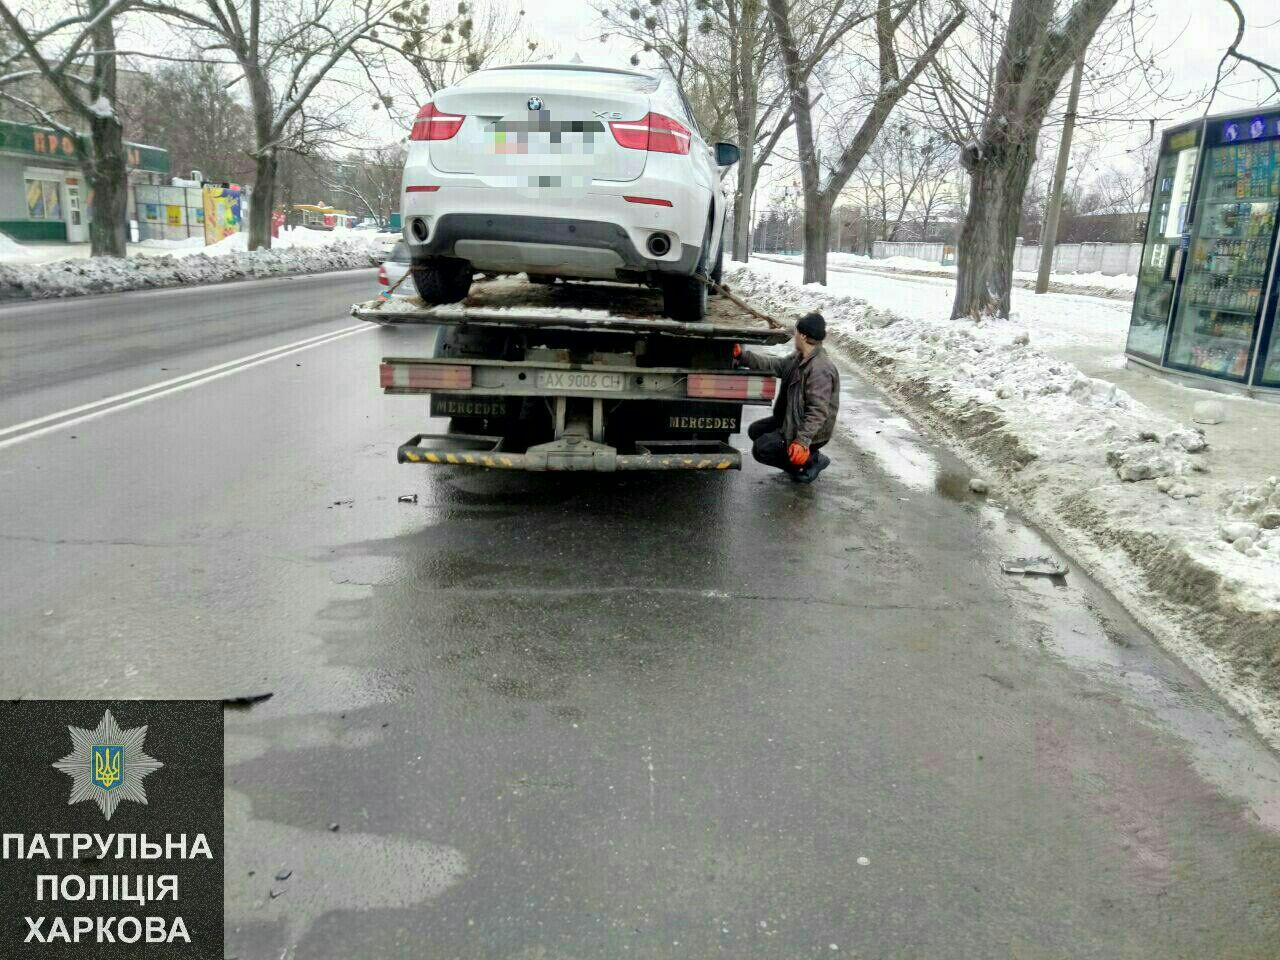 Нетрезвый шофёр врезался вофисное сооружение